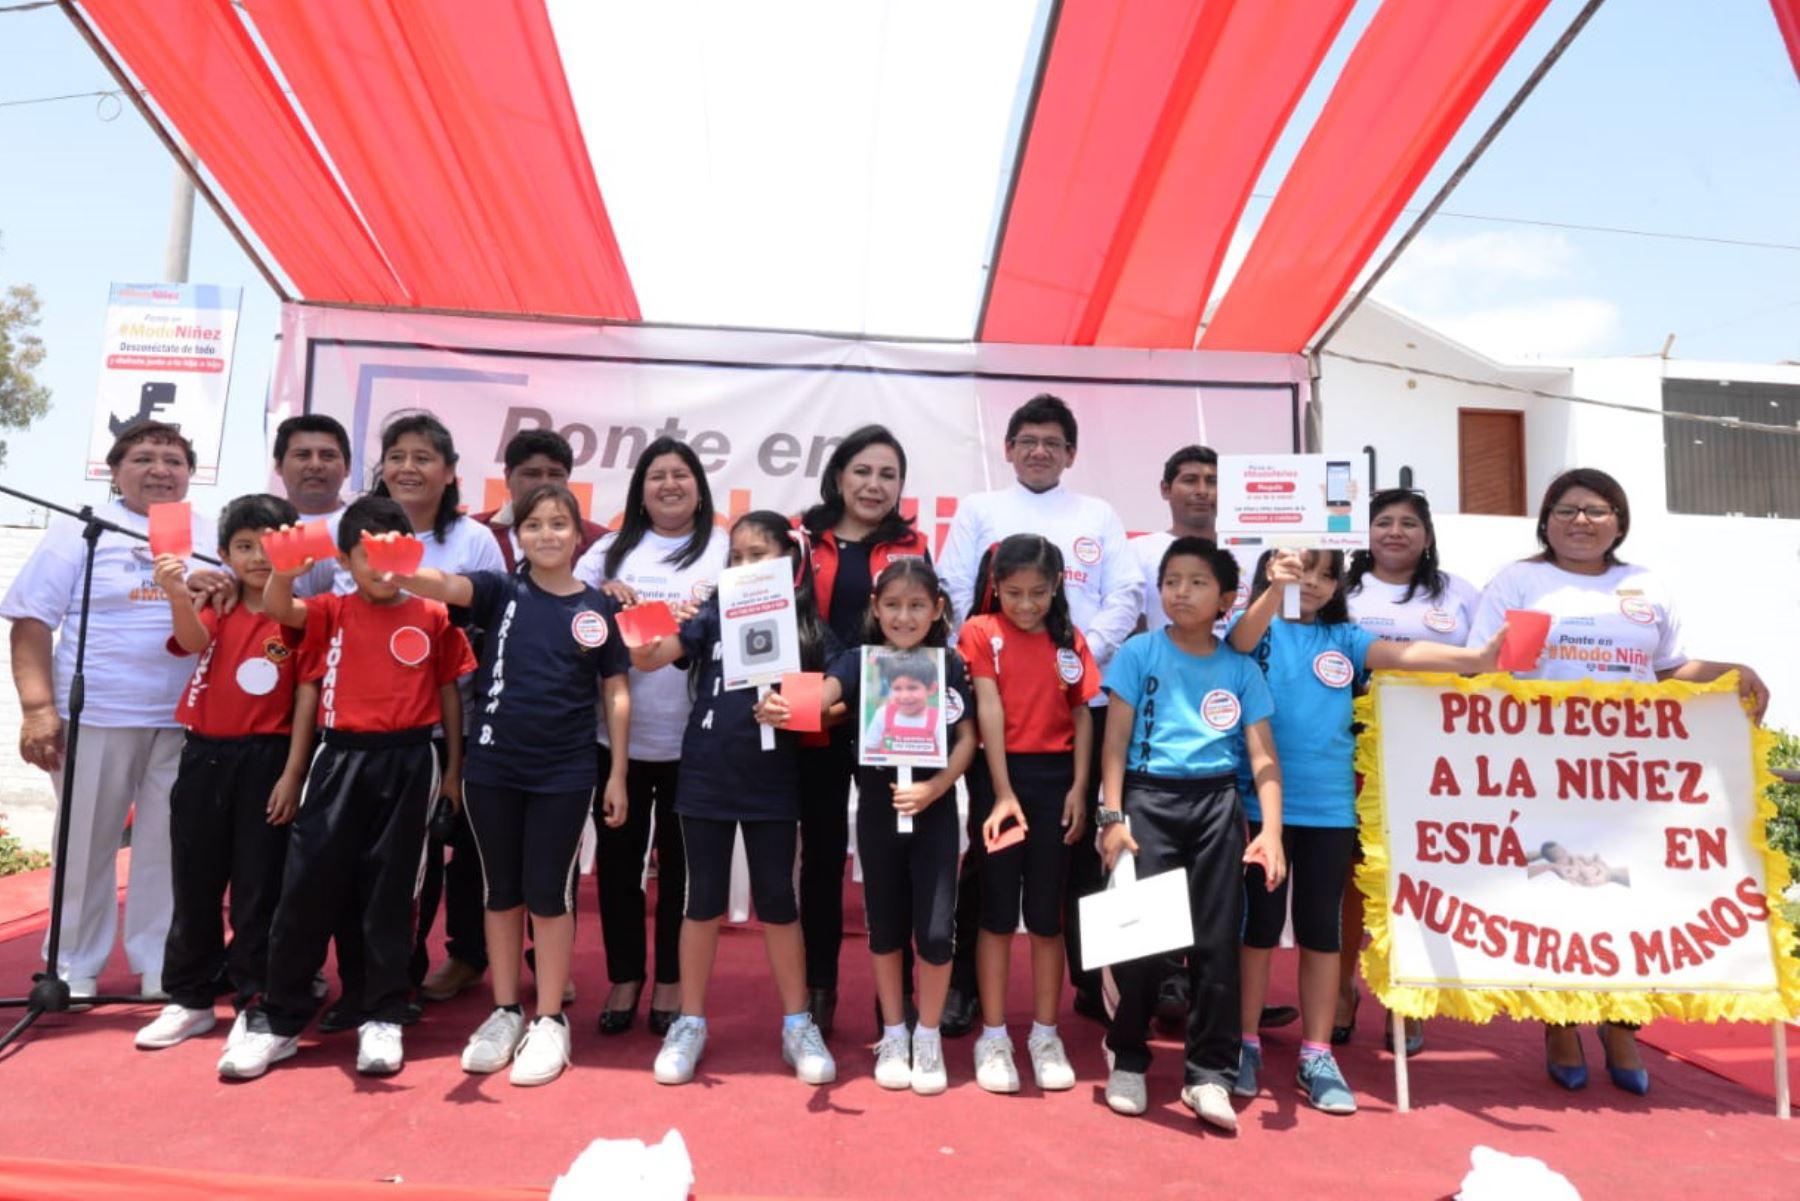 Ministra de la Mujer y Poblaciones Vulnerables, Gloria Montenegro, implementa estrategia Ponte en Modo Niñez en Paracas y Chincha